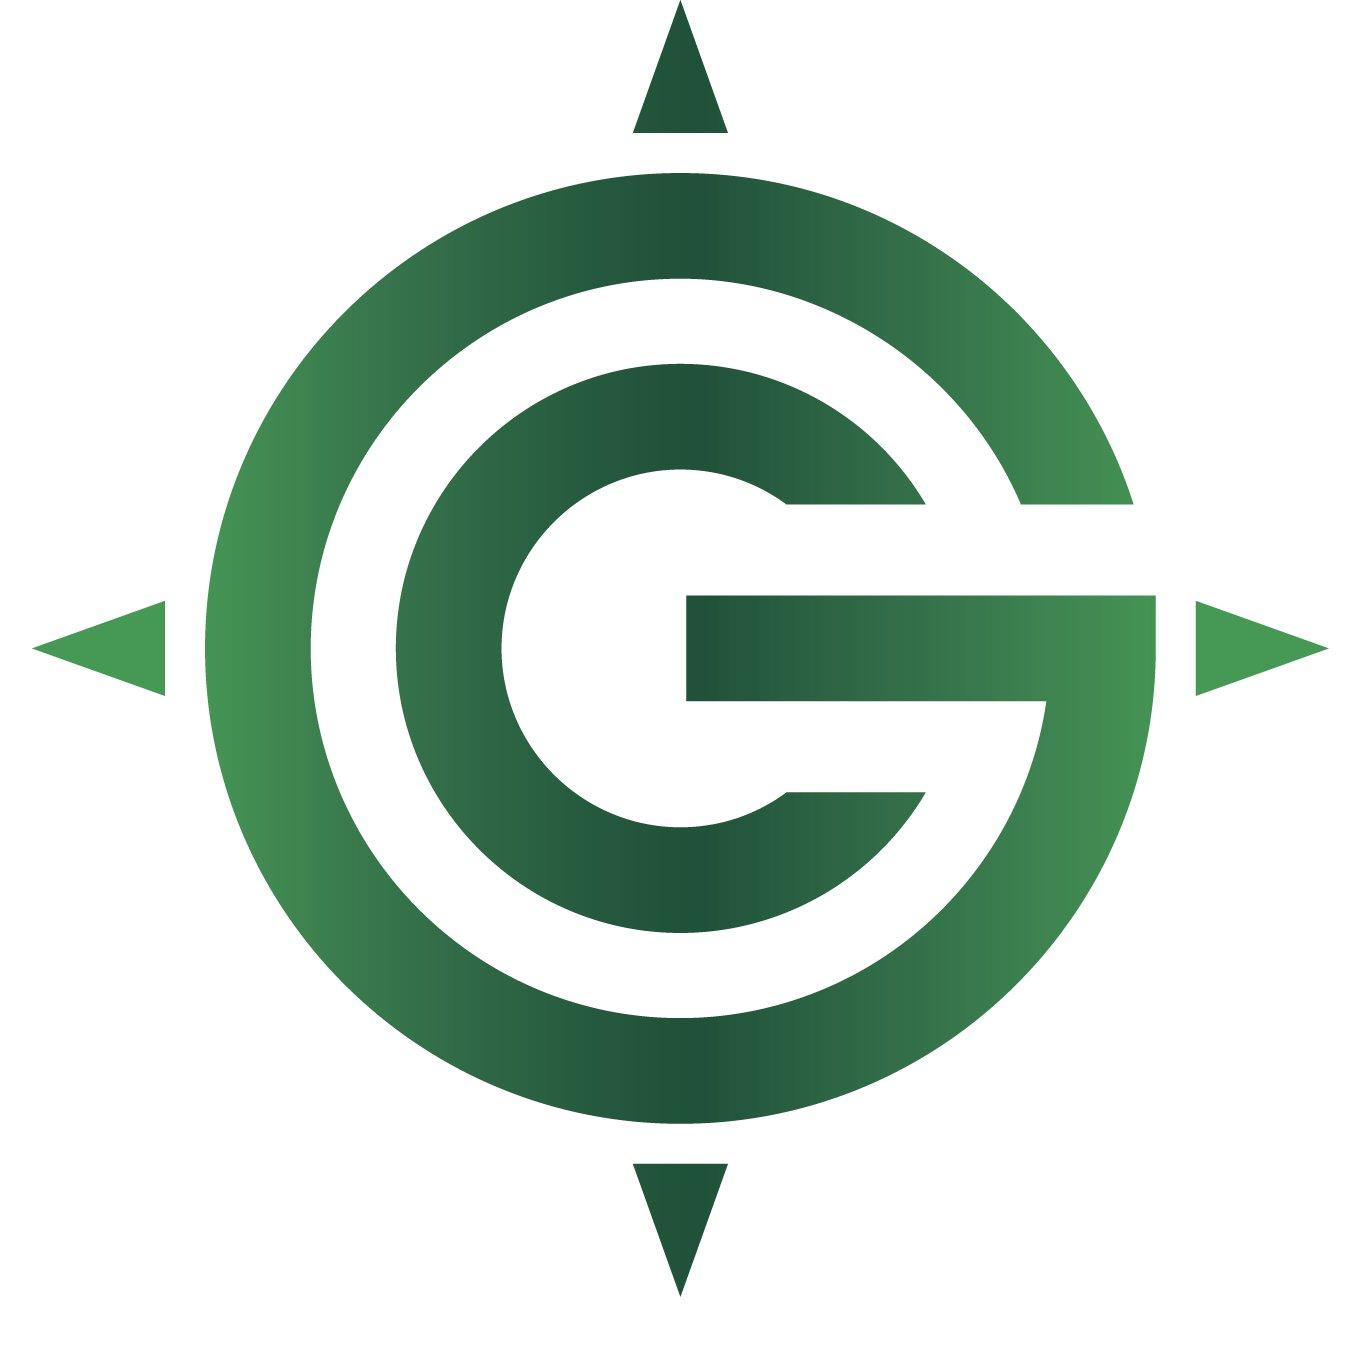 15% Off Green Compass CBD Coupon Code